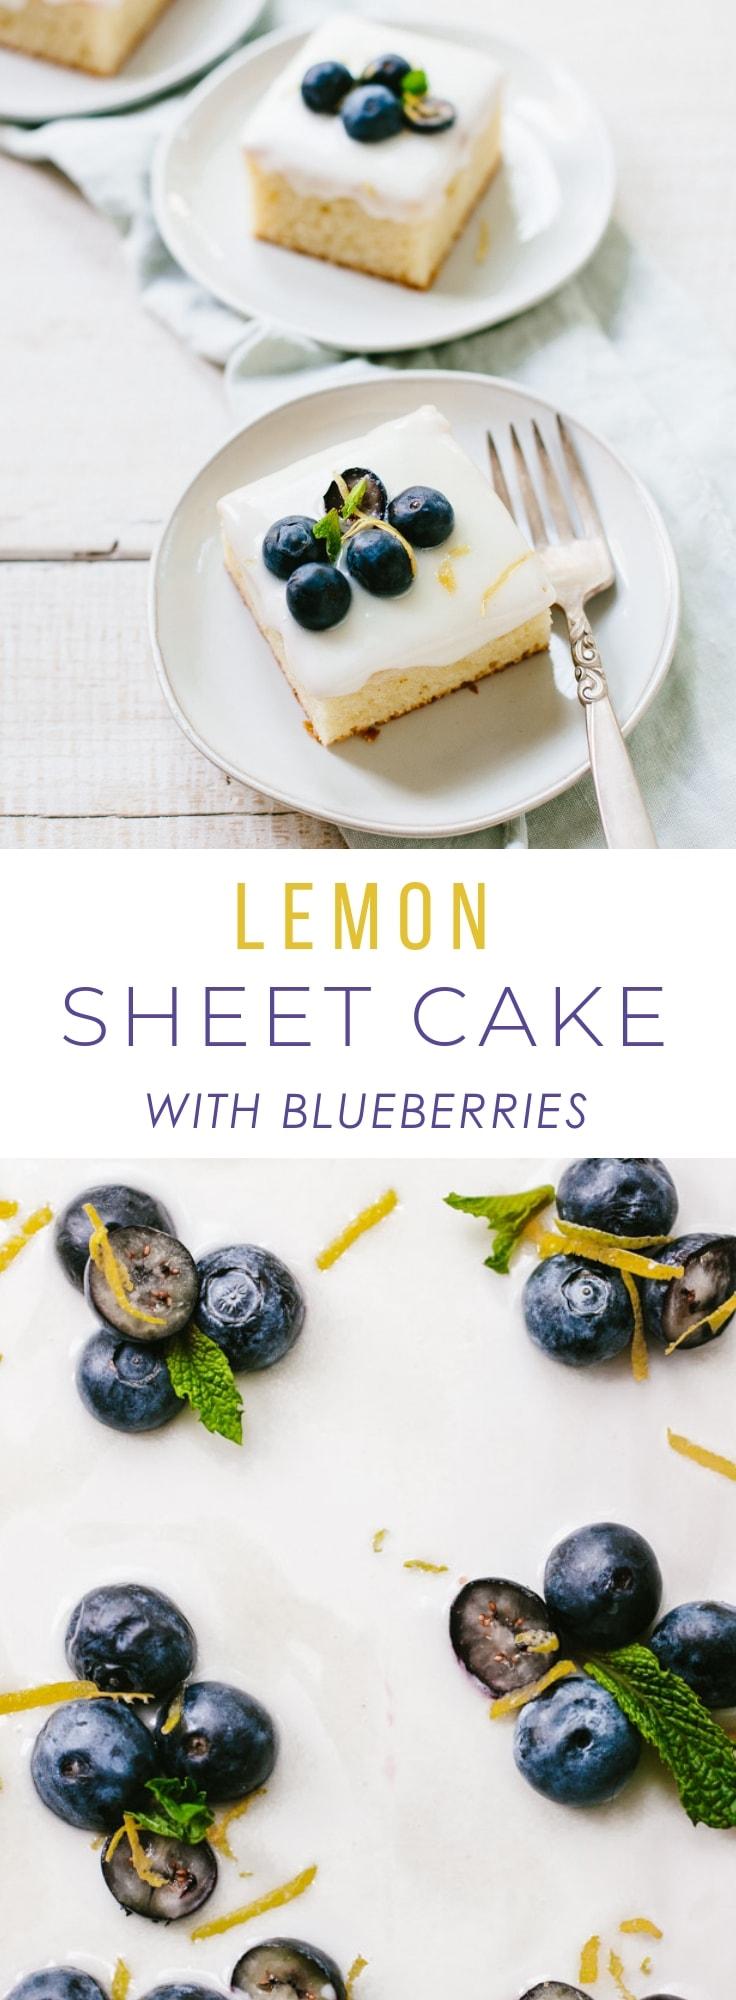 Lemon Sheet Cake with Blueberries and Mascarpone Glaze